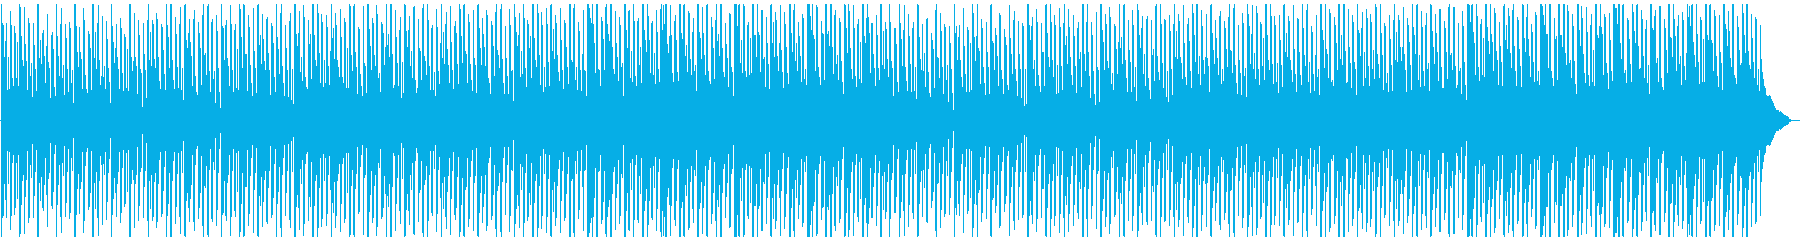 企業VP用!流行のクリーン&モダン楽曲の再生済みの波形